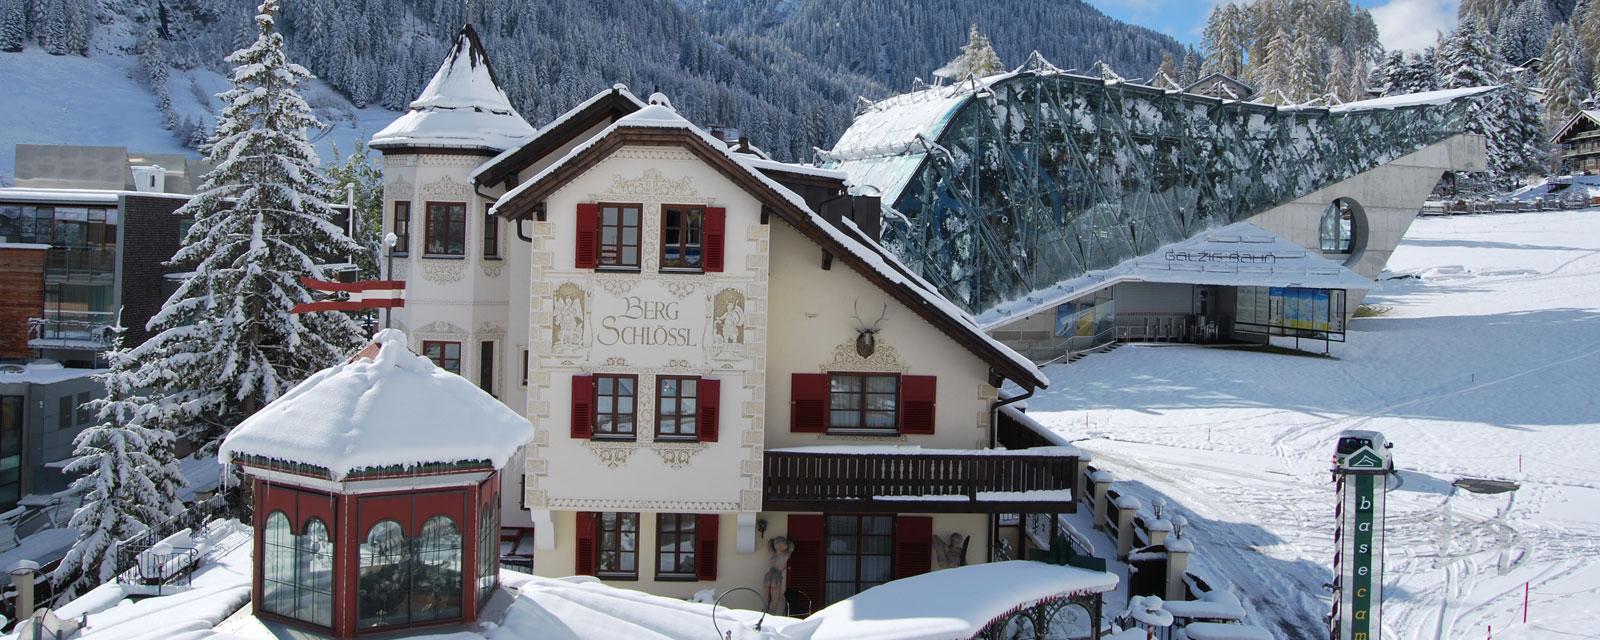 Hotel Bergschlössl am Arlberg